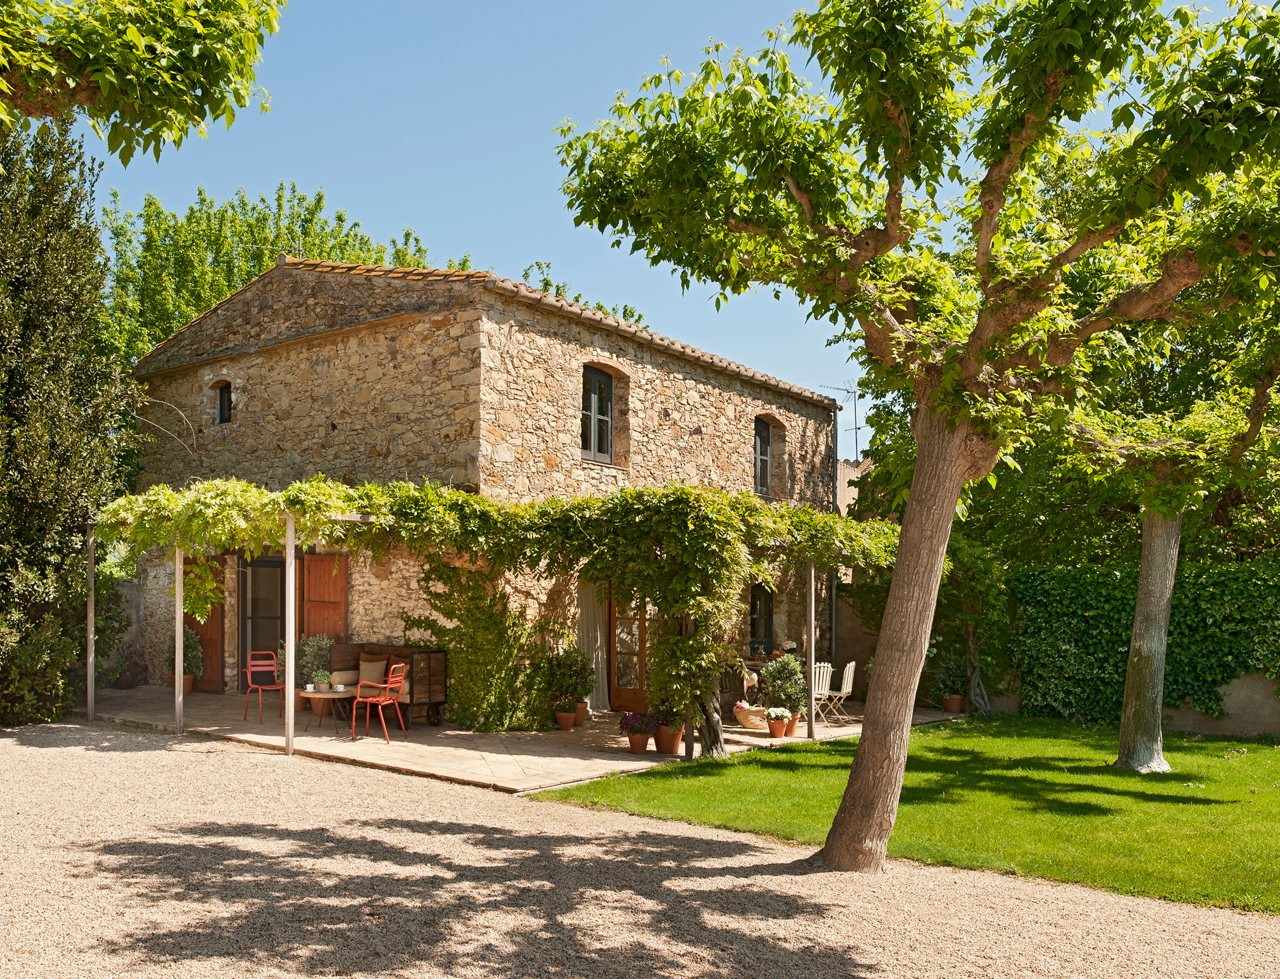 Un granero transformado en una casa r stica - Casas pequenas con porche y jardin ...